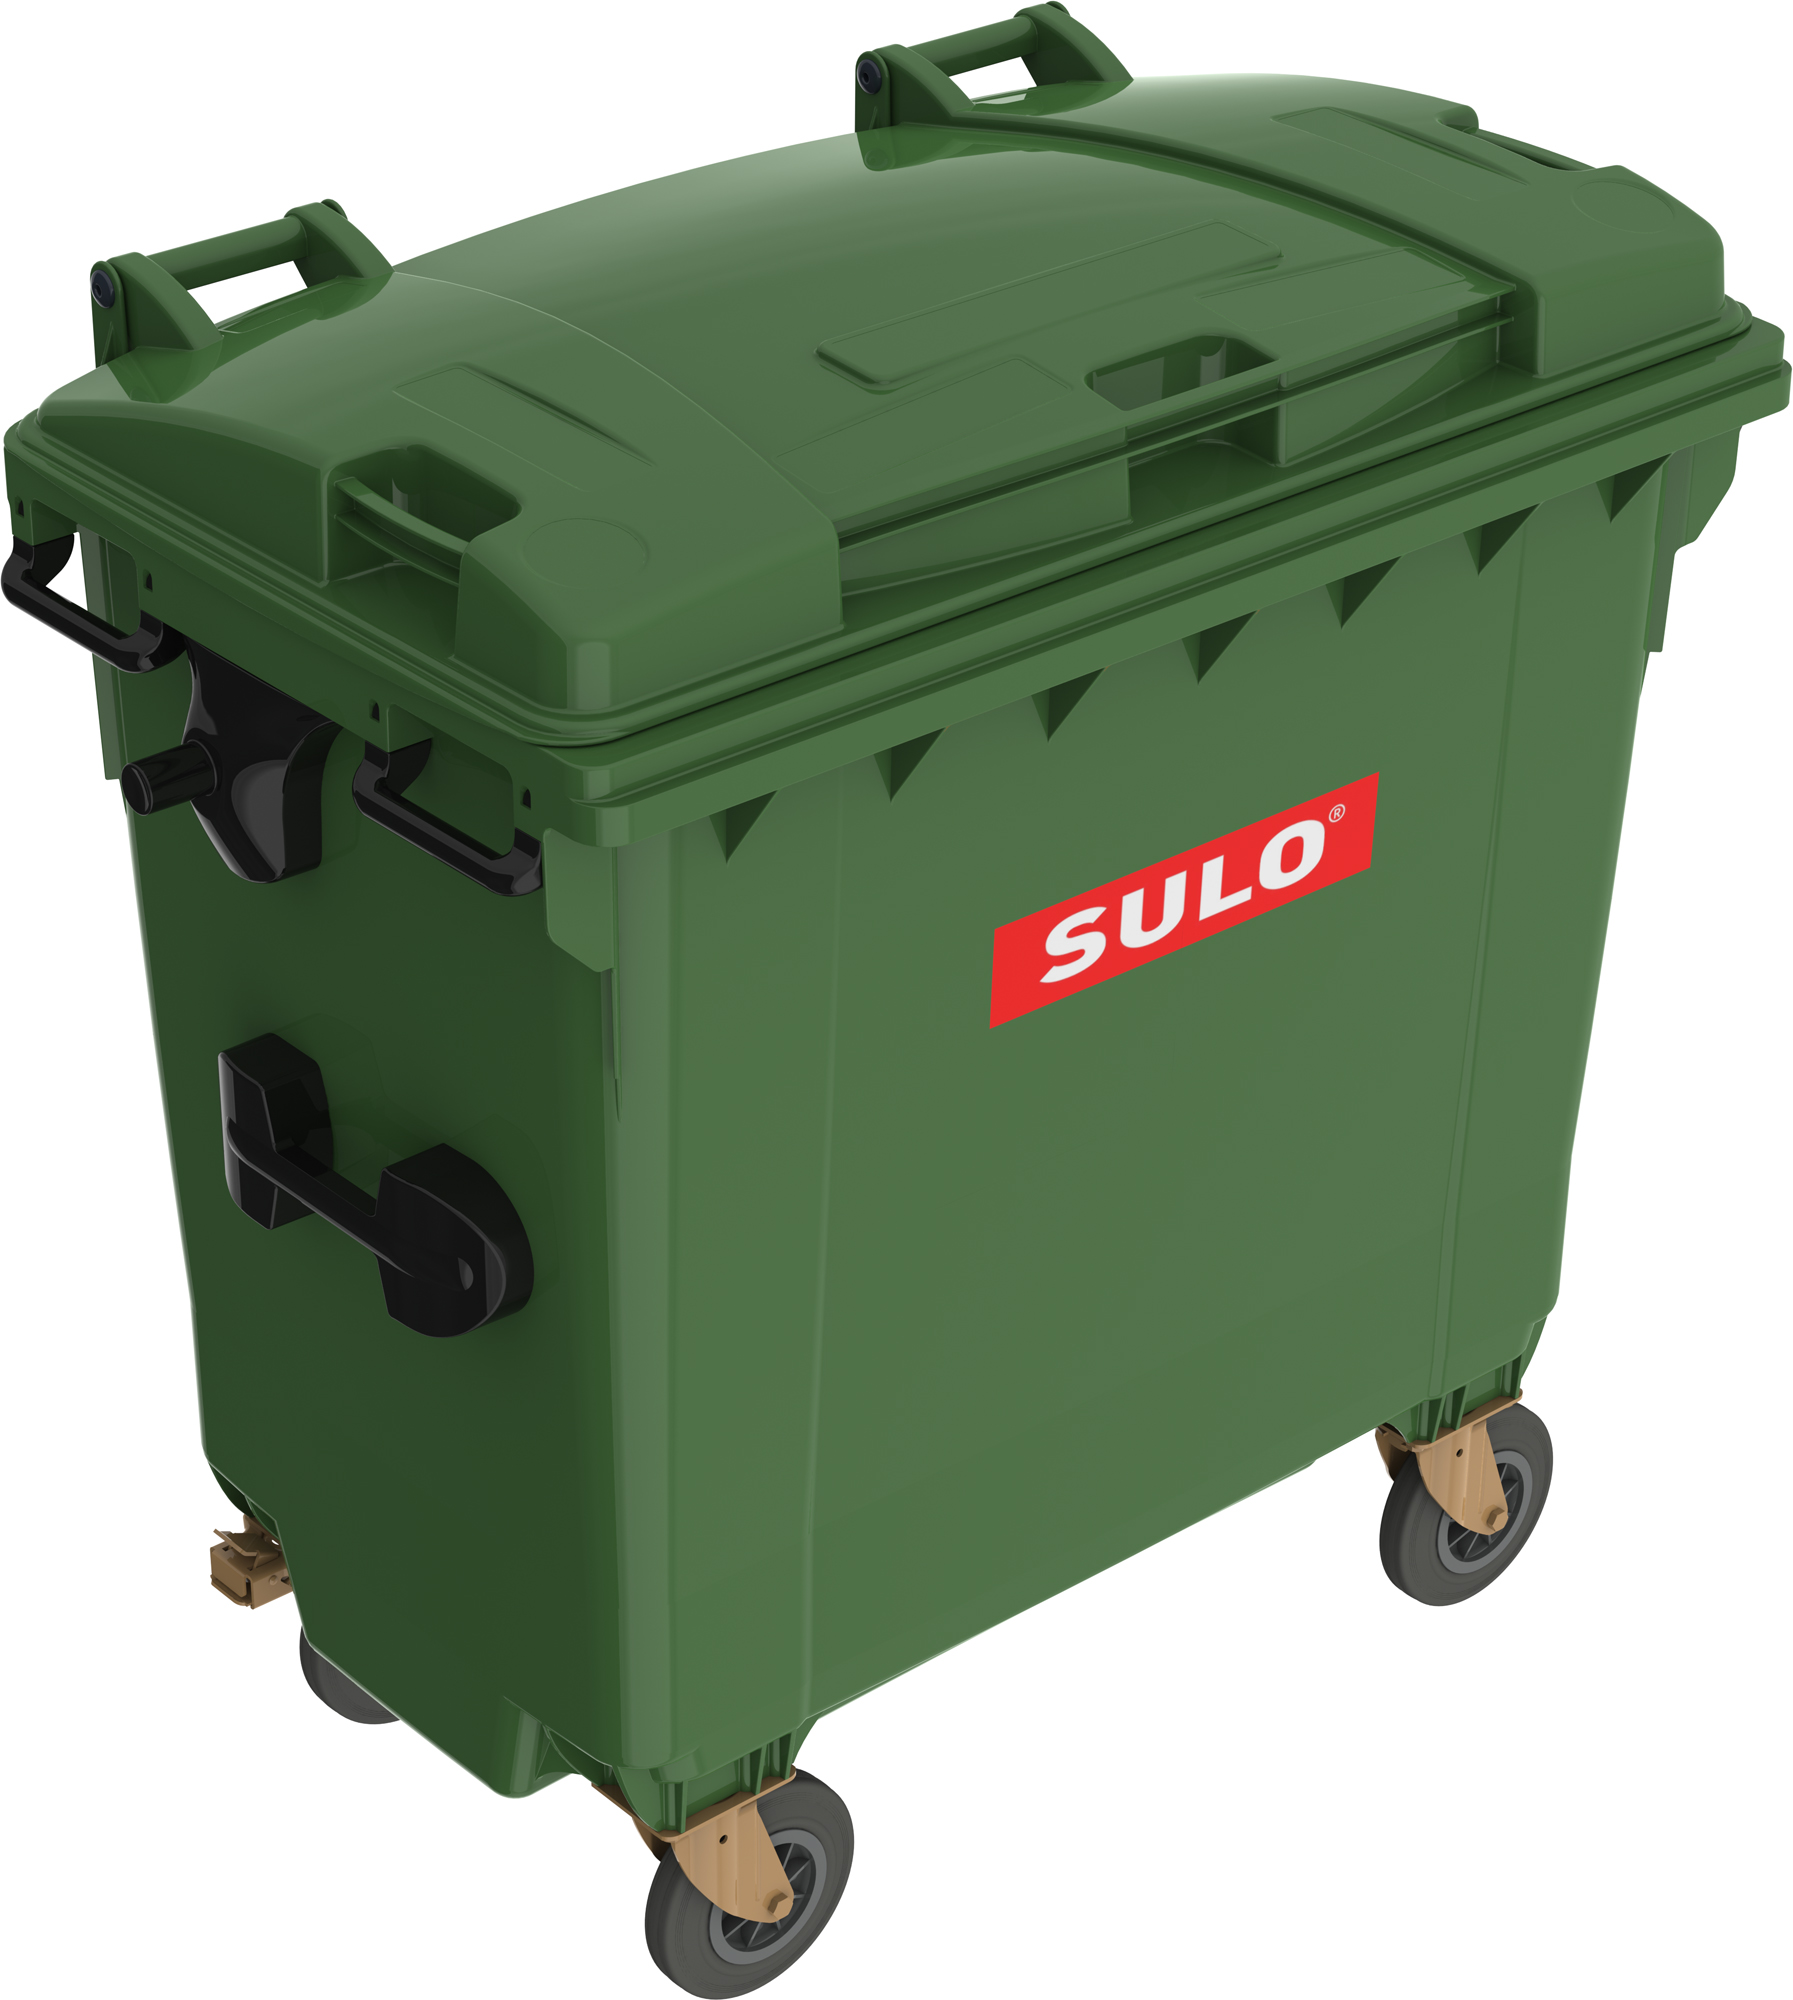 Eurocontainer Din Material Plastic 770 L Verde Cu Capac Plat Mevatec - Transport Inclus 2021 sanito.ro